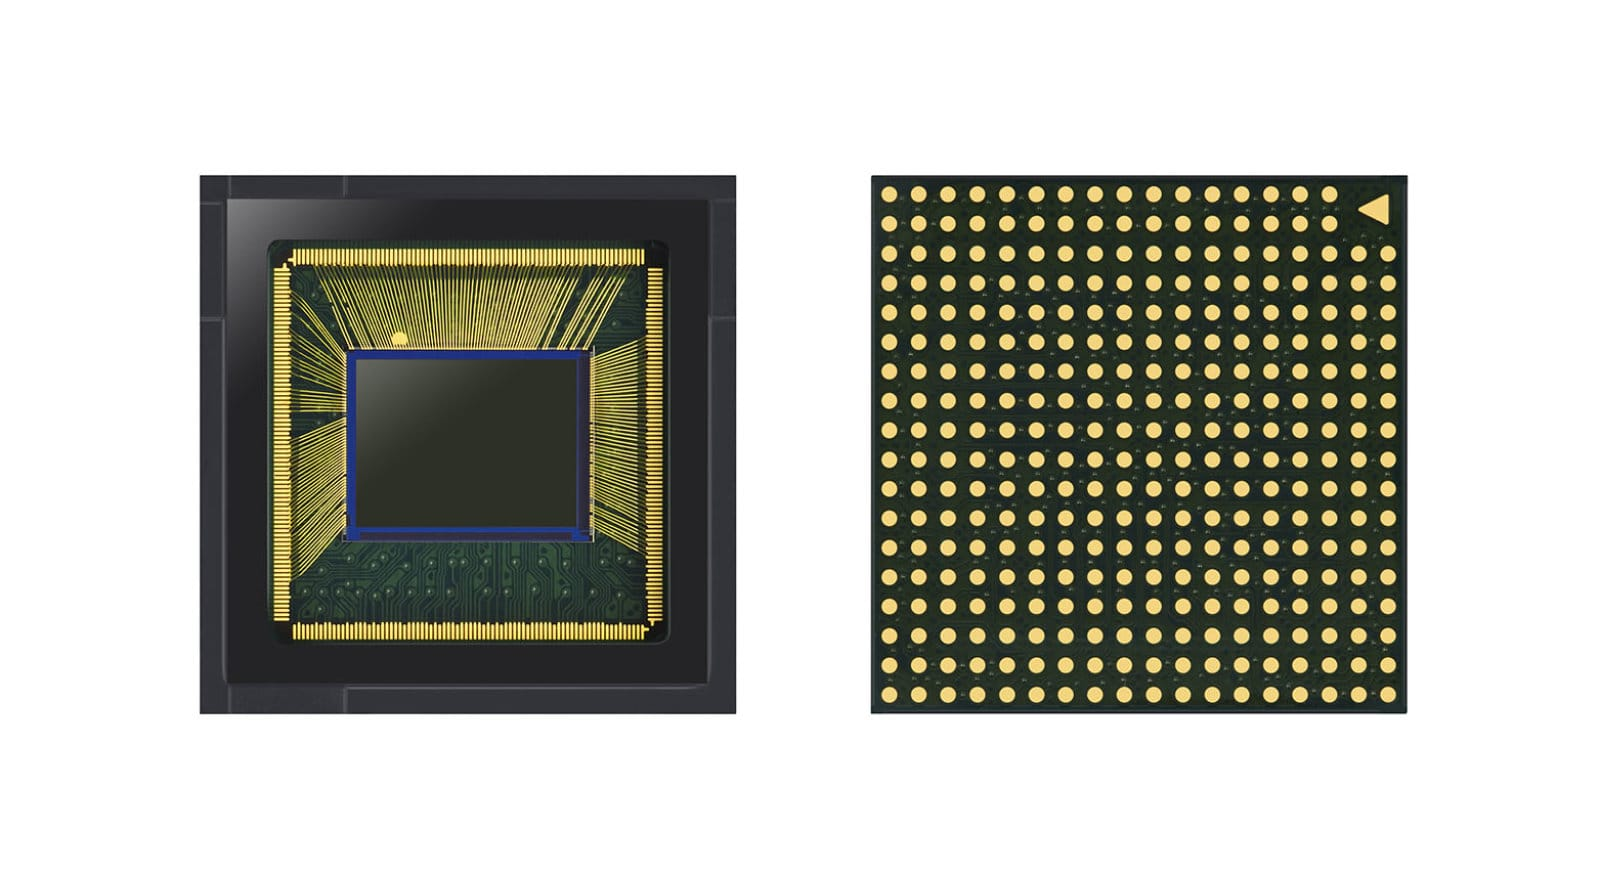 Samsung 64M Sensor